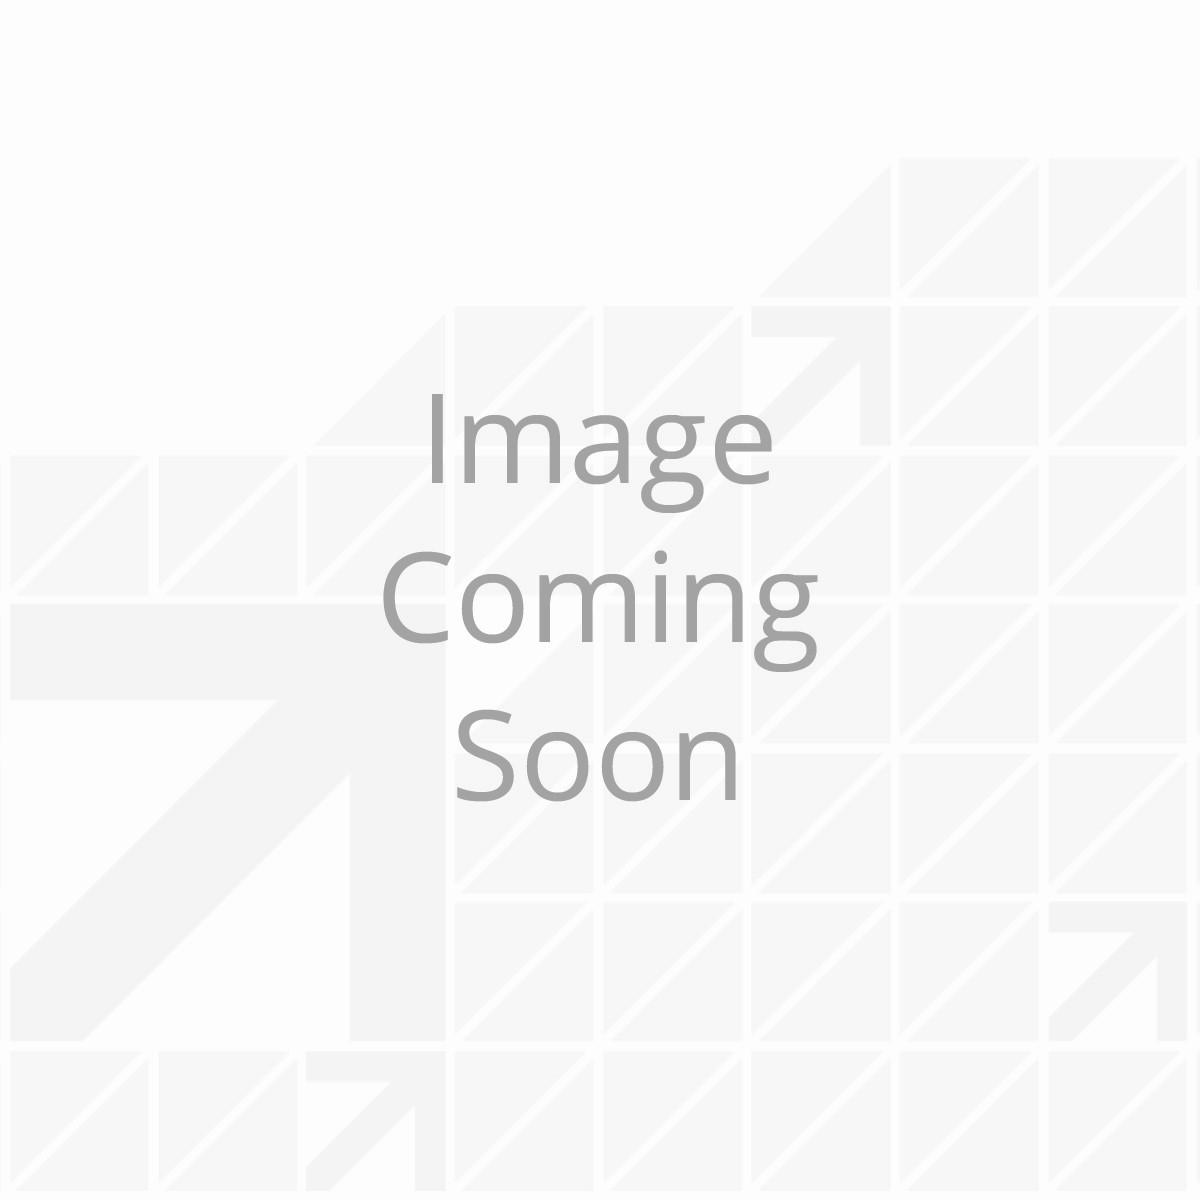 Reel Away™ Deluxe S Cord Reel